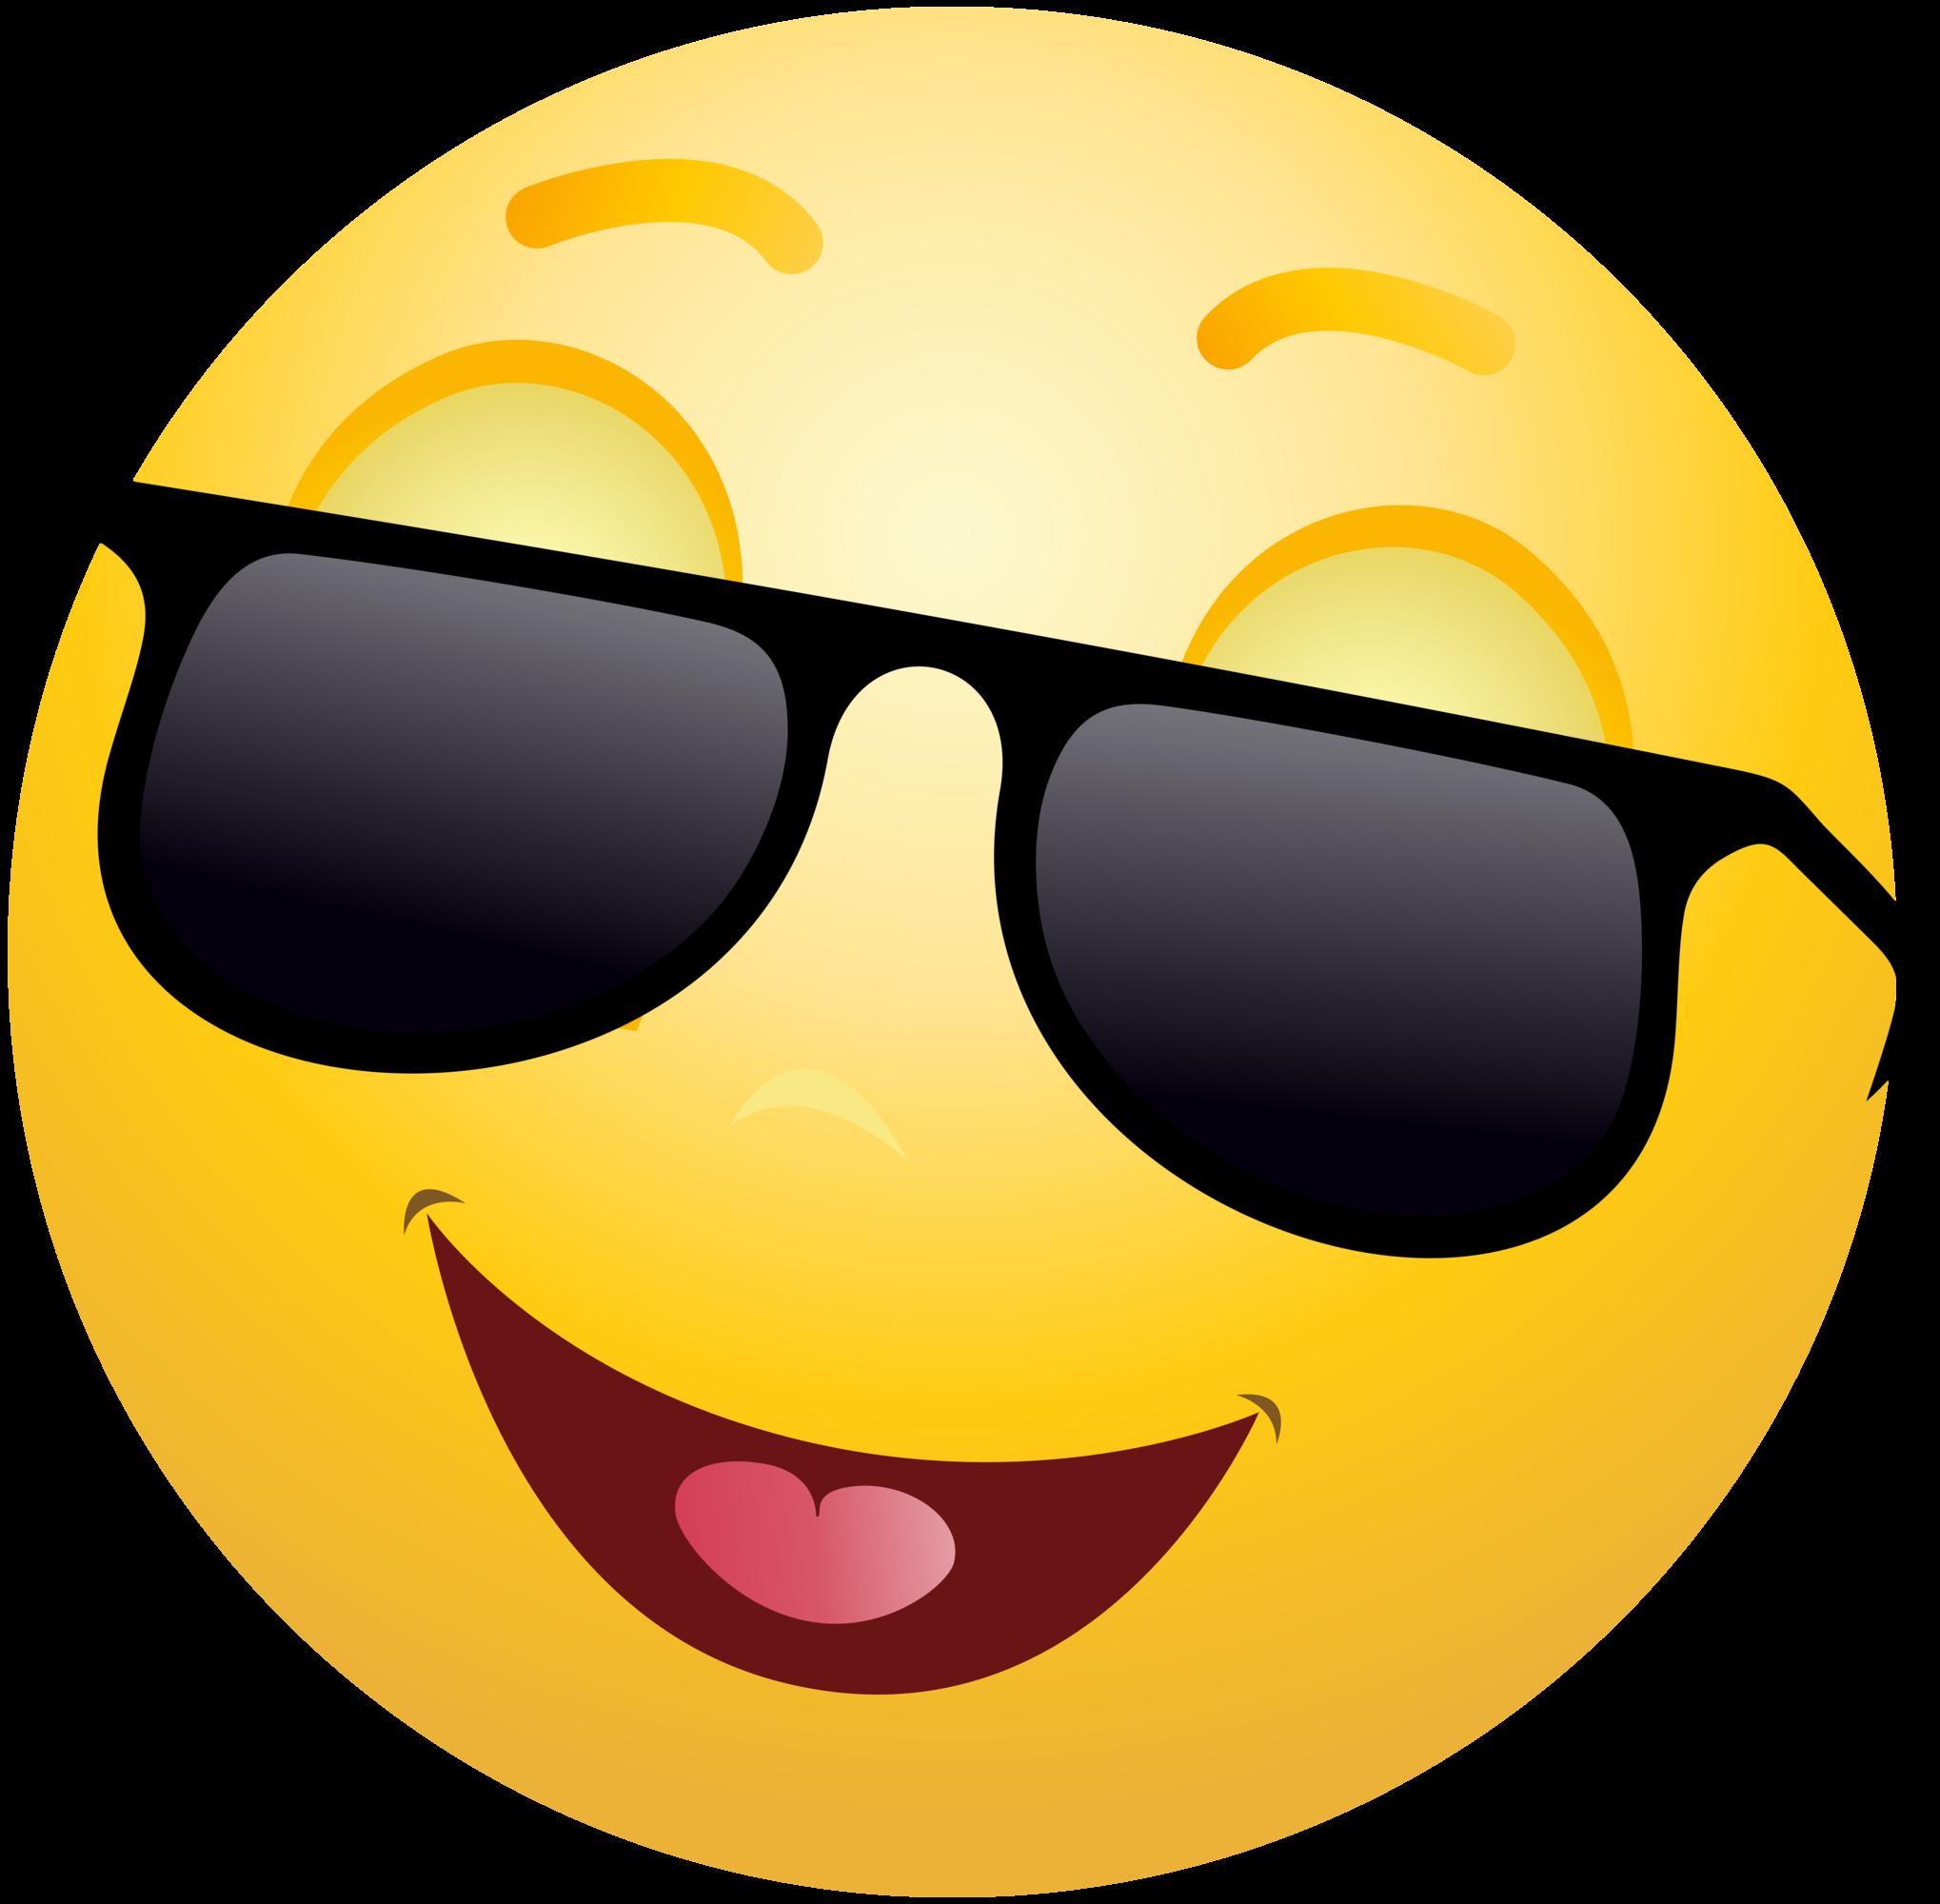 Sunglasses Emoji Clipart-Clipartlook.com-Sunglasses Emoji Clipart-Clipartlook.com-2038-2